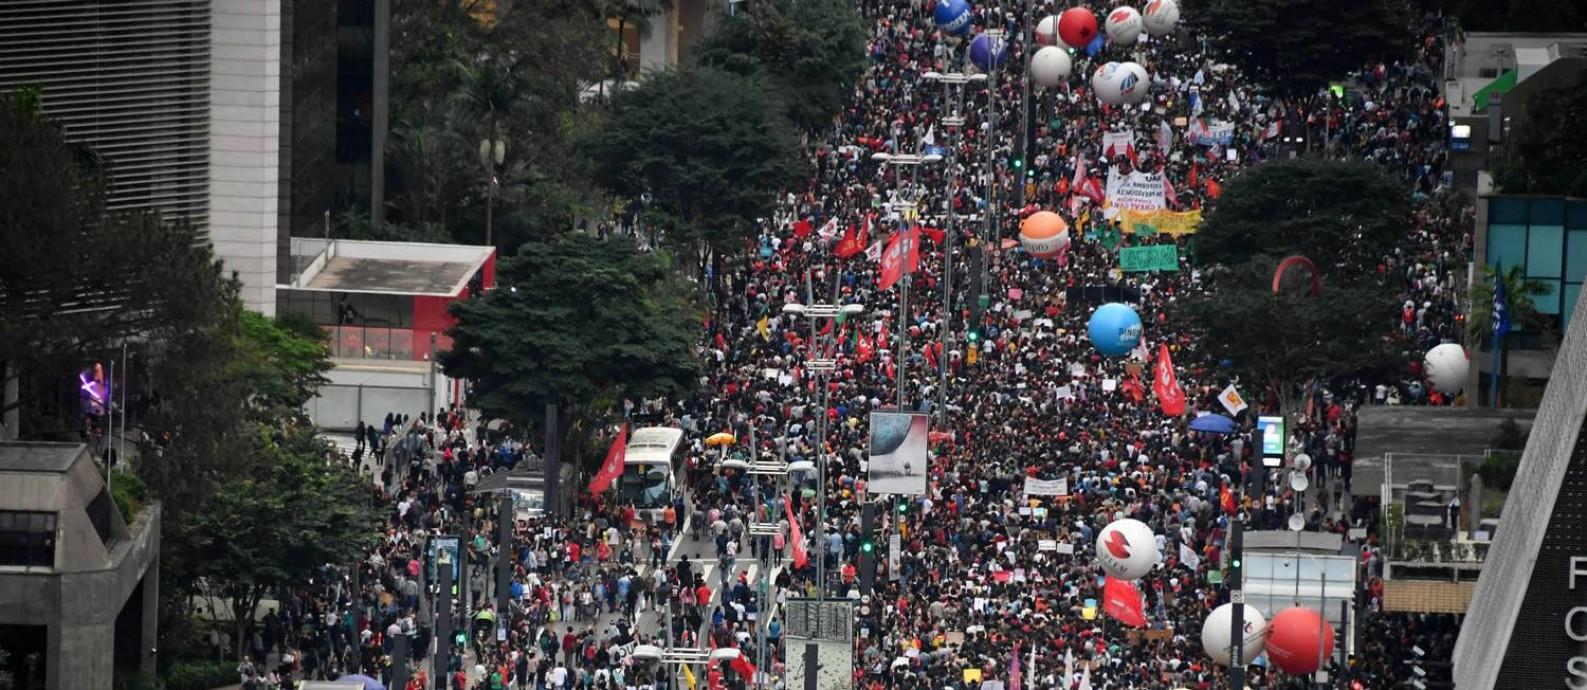 Manifestantes na Avenida Paulista, em São Paulo fazem manifestação contra bloqueio de verbas da educação Foto: NELSON ALMEIDA / AFP